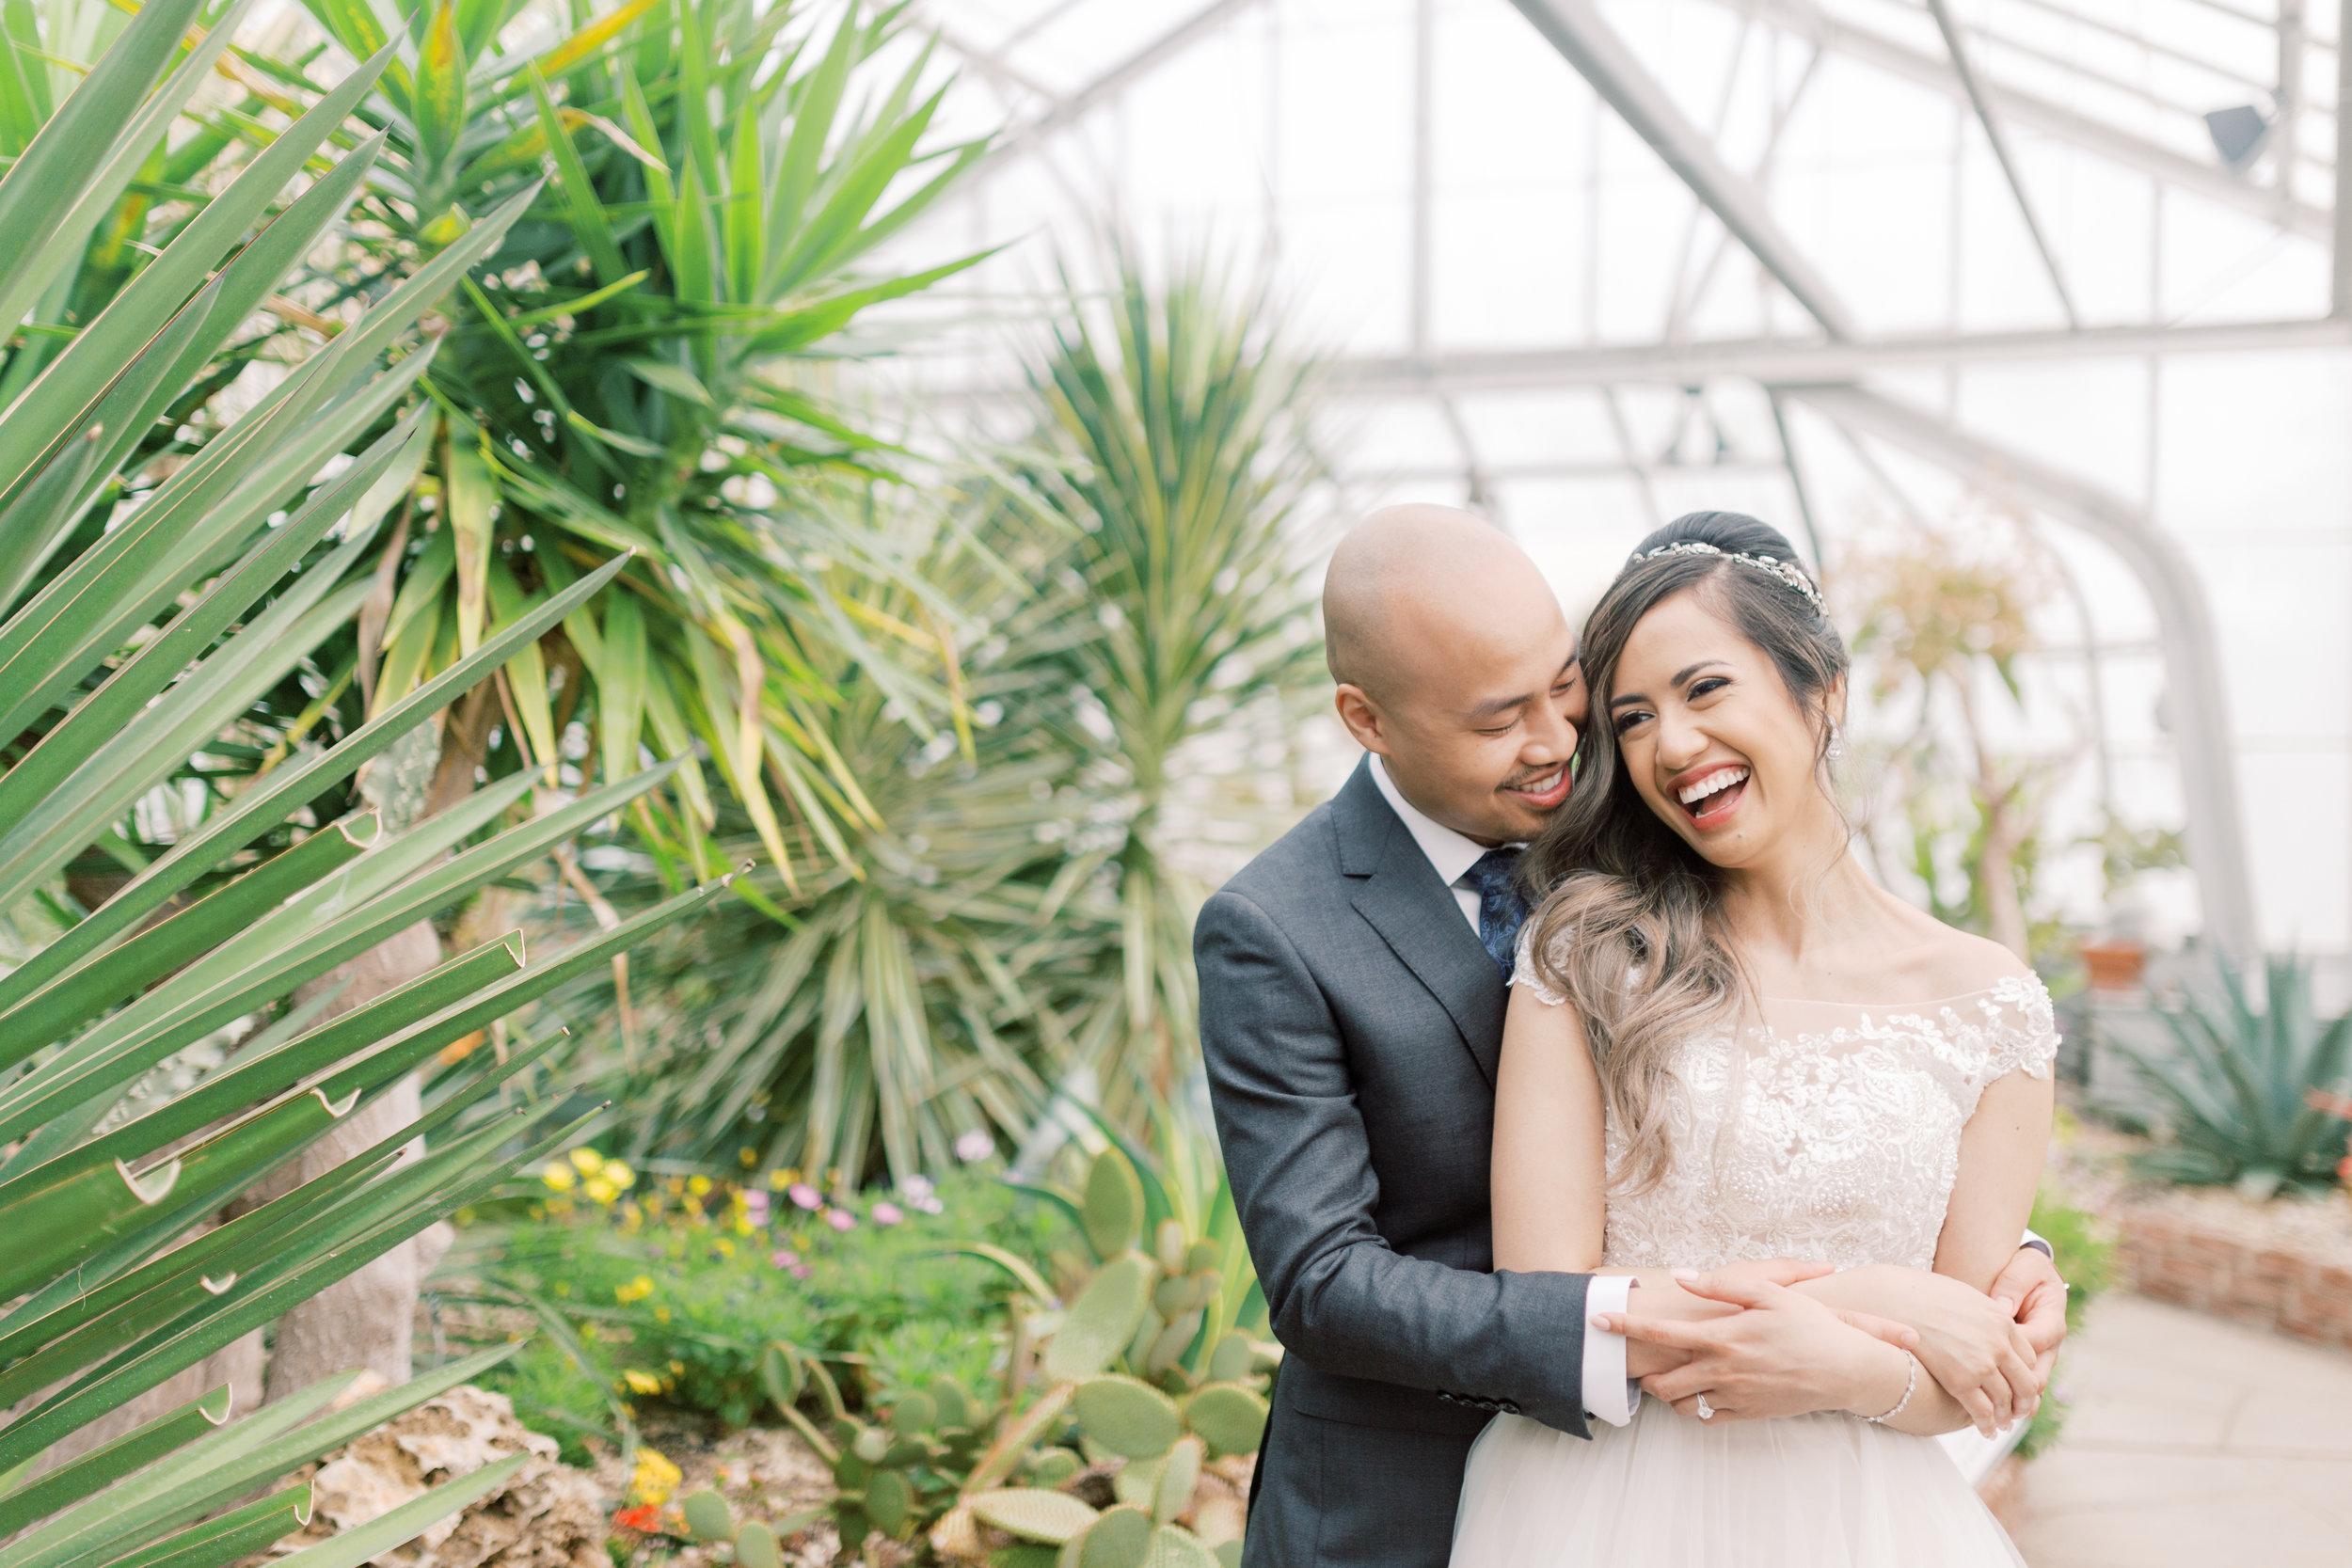 Millenium Gardens Centennial Conservatory Park Wedding-3558.jpg